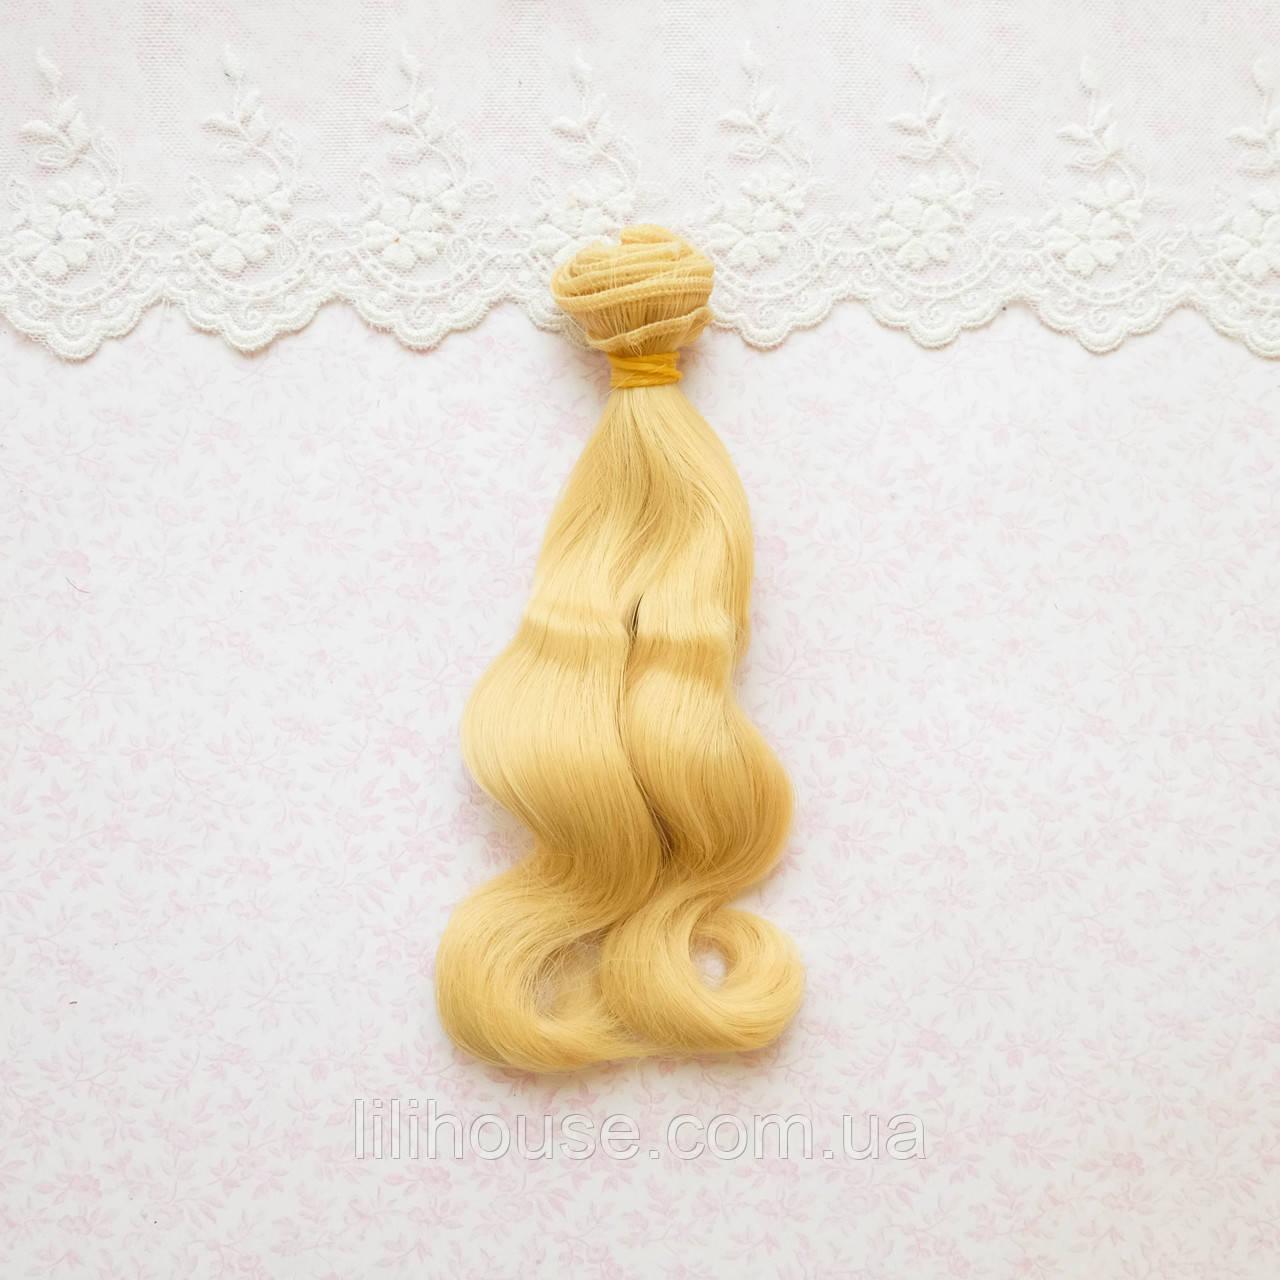 Волосы для Кукол Трессы Волна на Концах ЗОЛОТОЙ БЛОНД 15 см